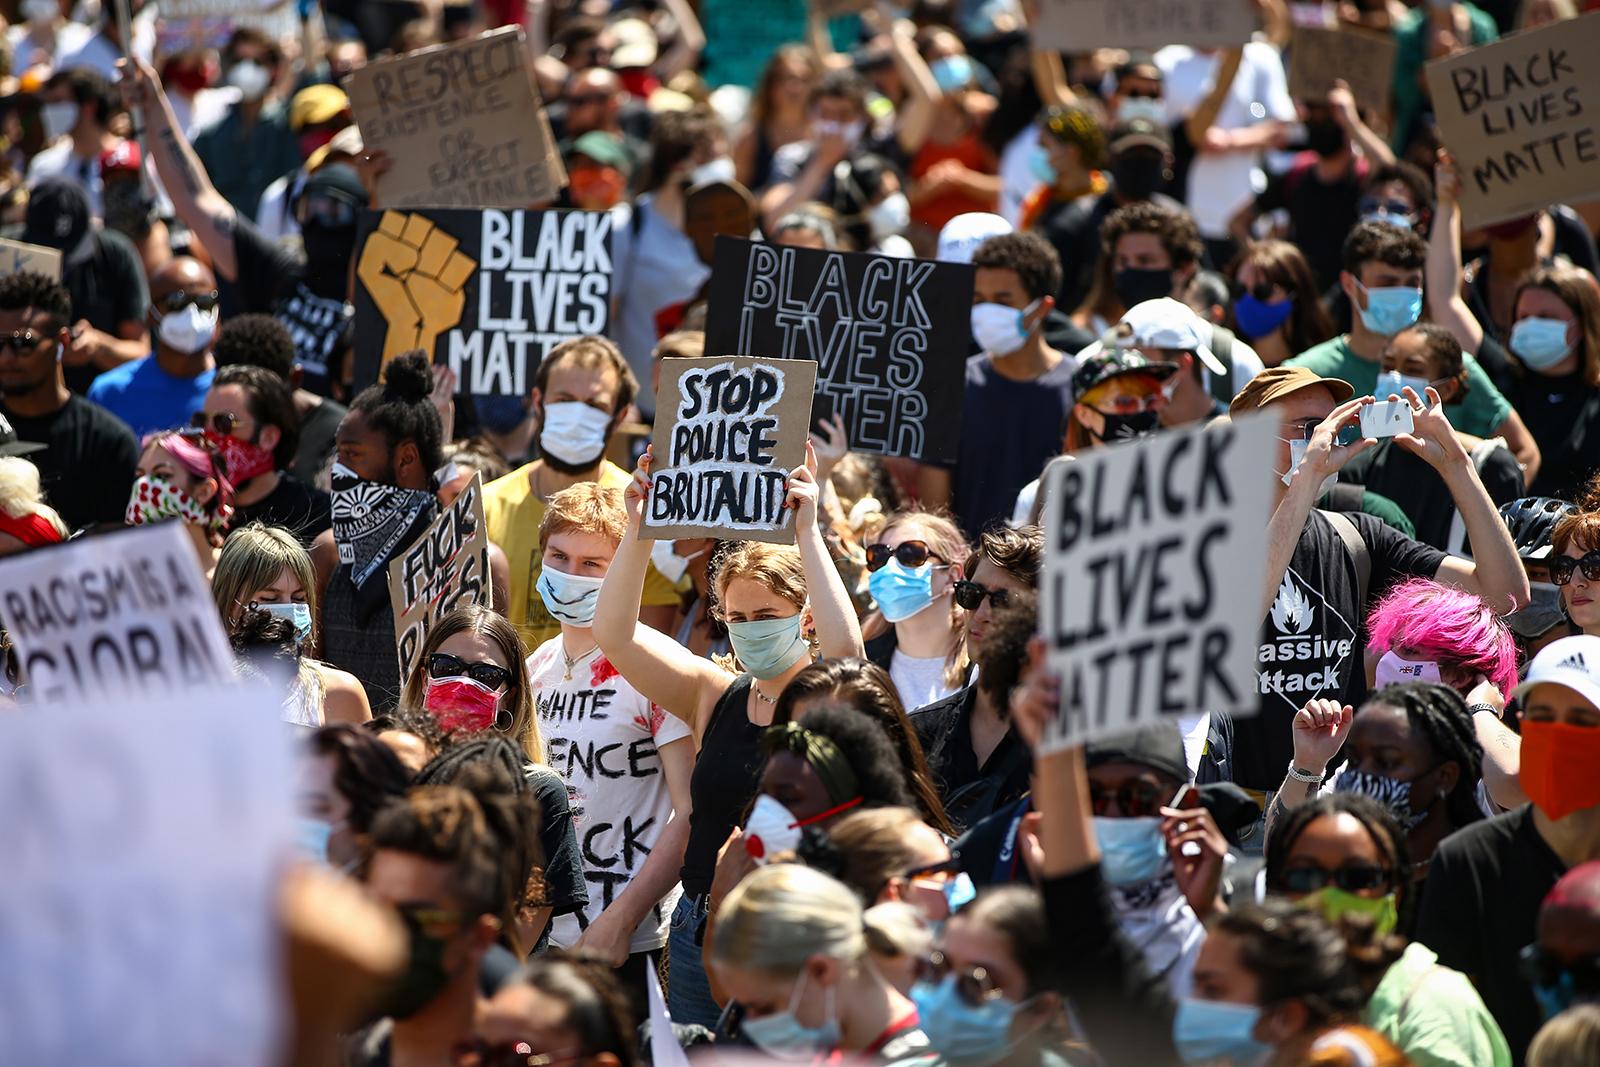 İnsanlar Trafalgar Meydanı'nda spontane bir Kara Yaşamlar Yürüyüşü'ne katılırken, Minneapolis'te George Floyd'un ölümünü protesto etmek ve 31 Mayıs'ta Londra'daki Kuzey Amerika'daki gösterileri desteklemek için pankart düzenliyorlar.